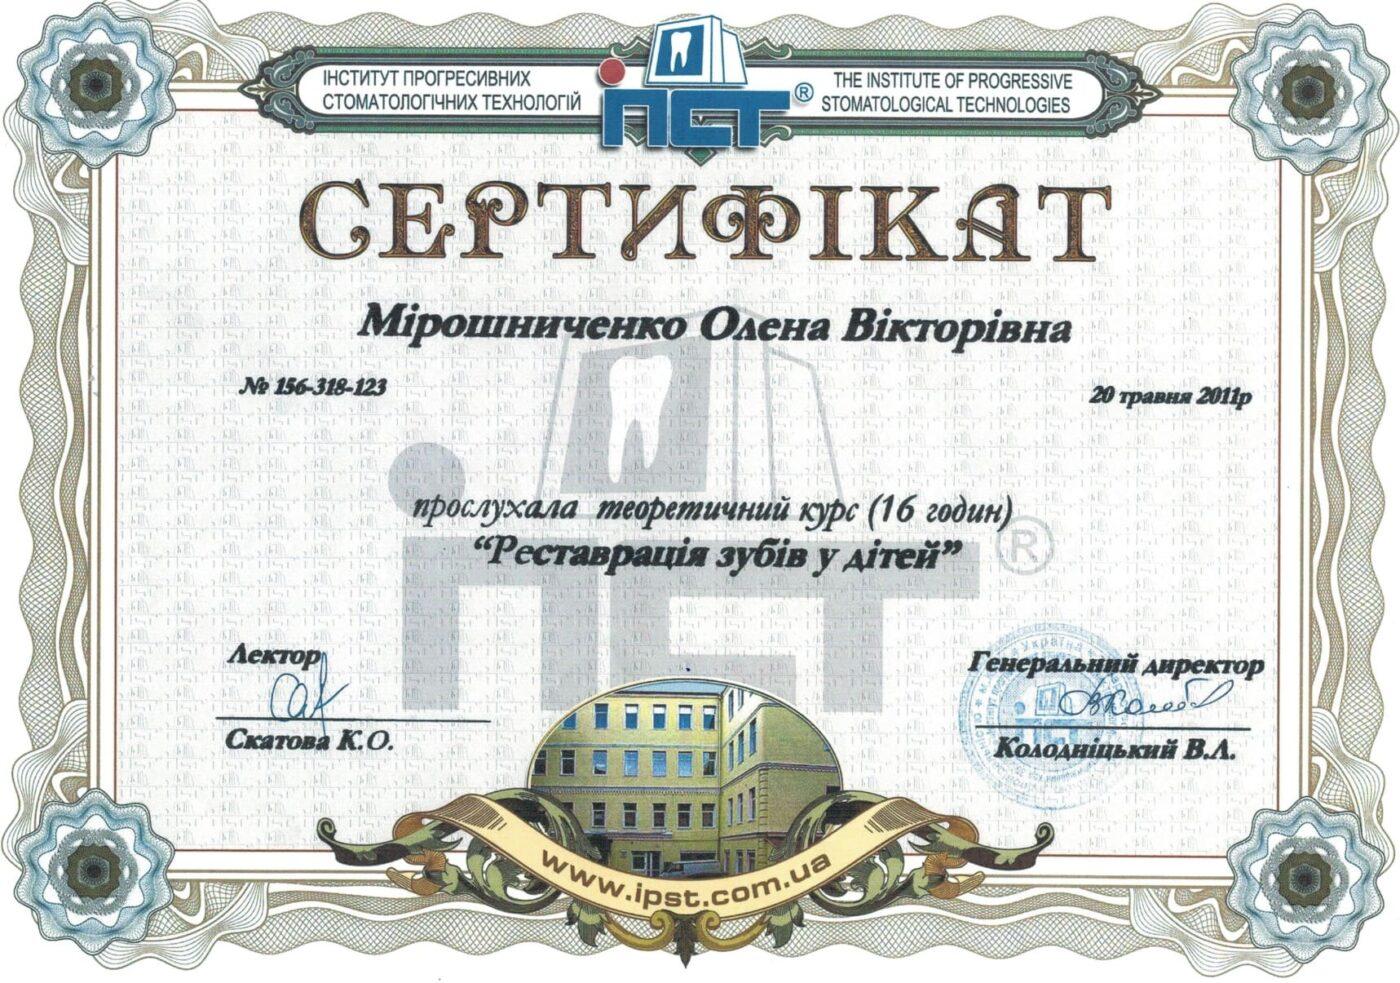 Сертифікат дитячого лікаря стоматолога Мірошниченко Олени Вікторівни об участі у курсі (Реставрація зубів у дітей)